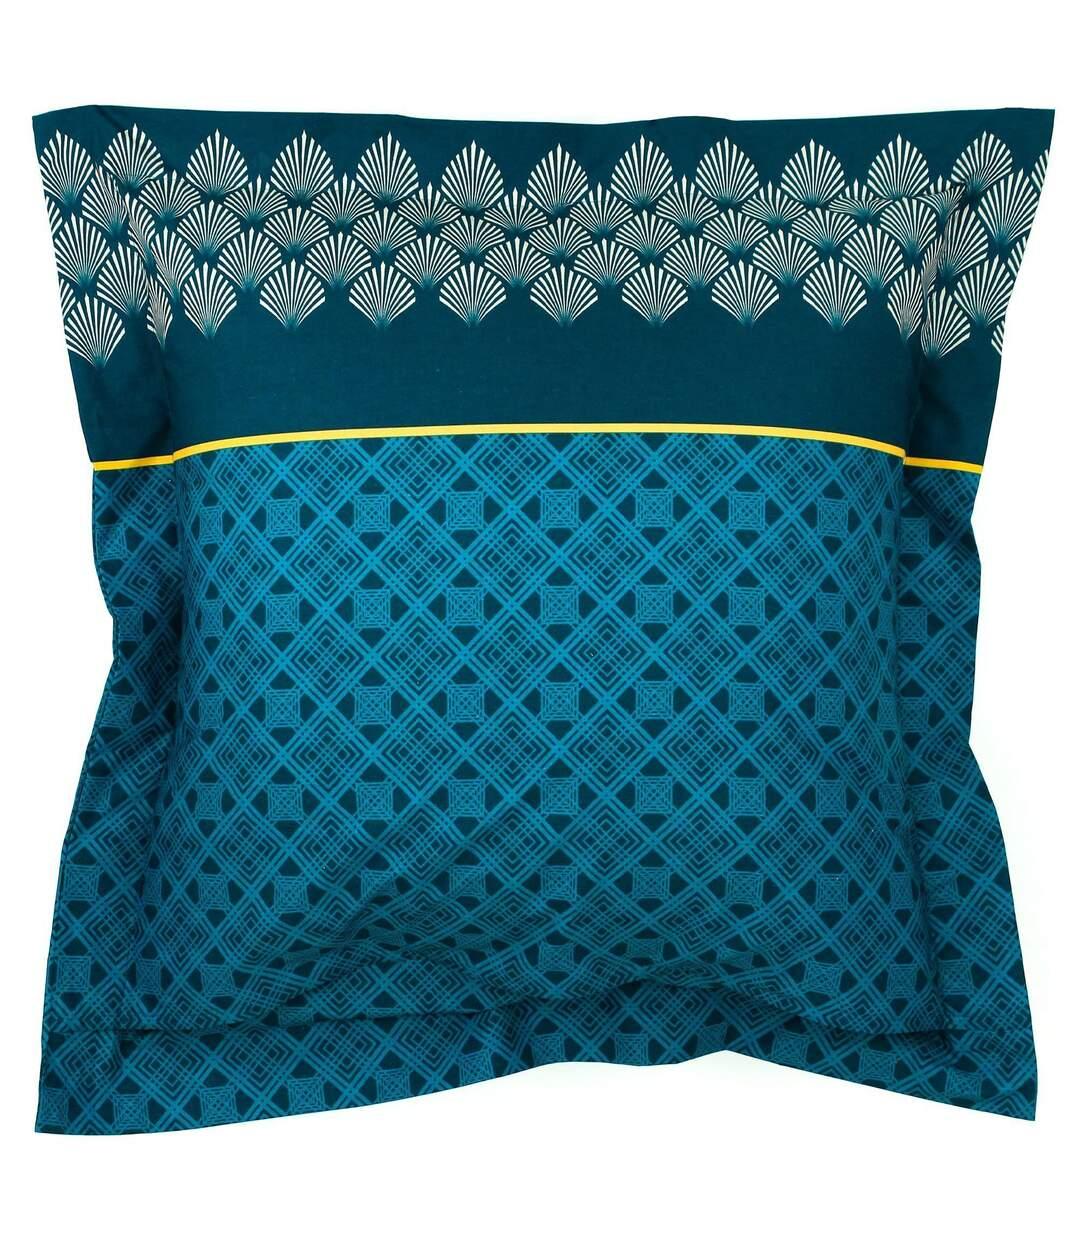 Parure de lit 200x200 cm 100% coton TALISMAN bleu Paon 3 pièces